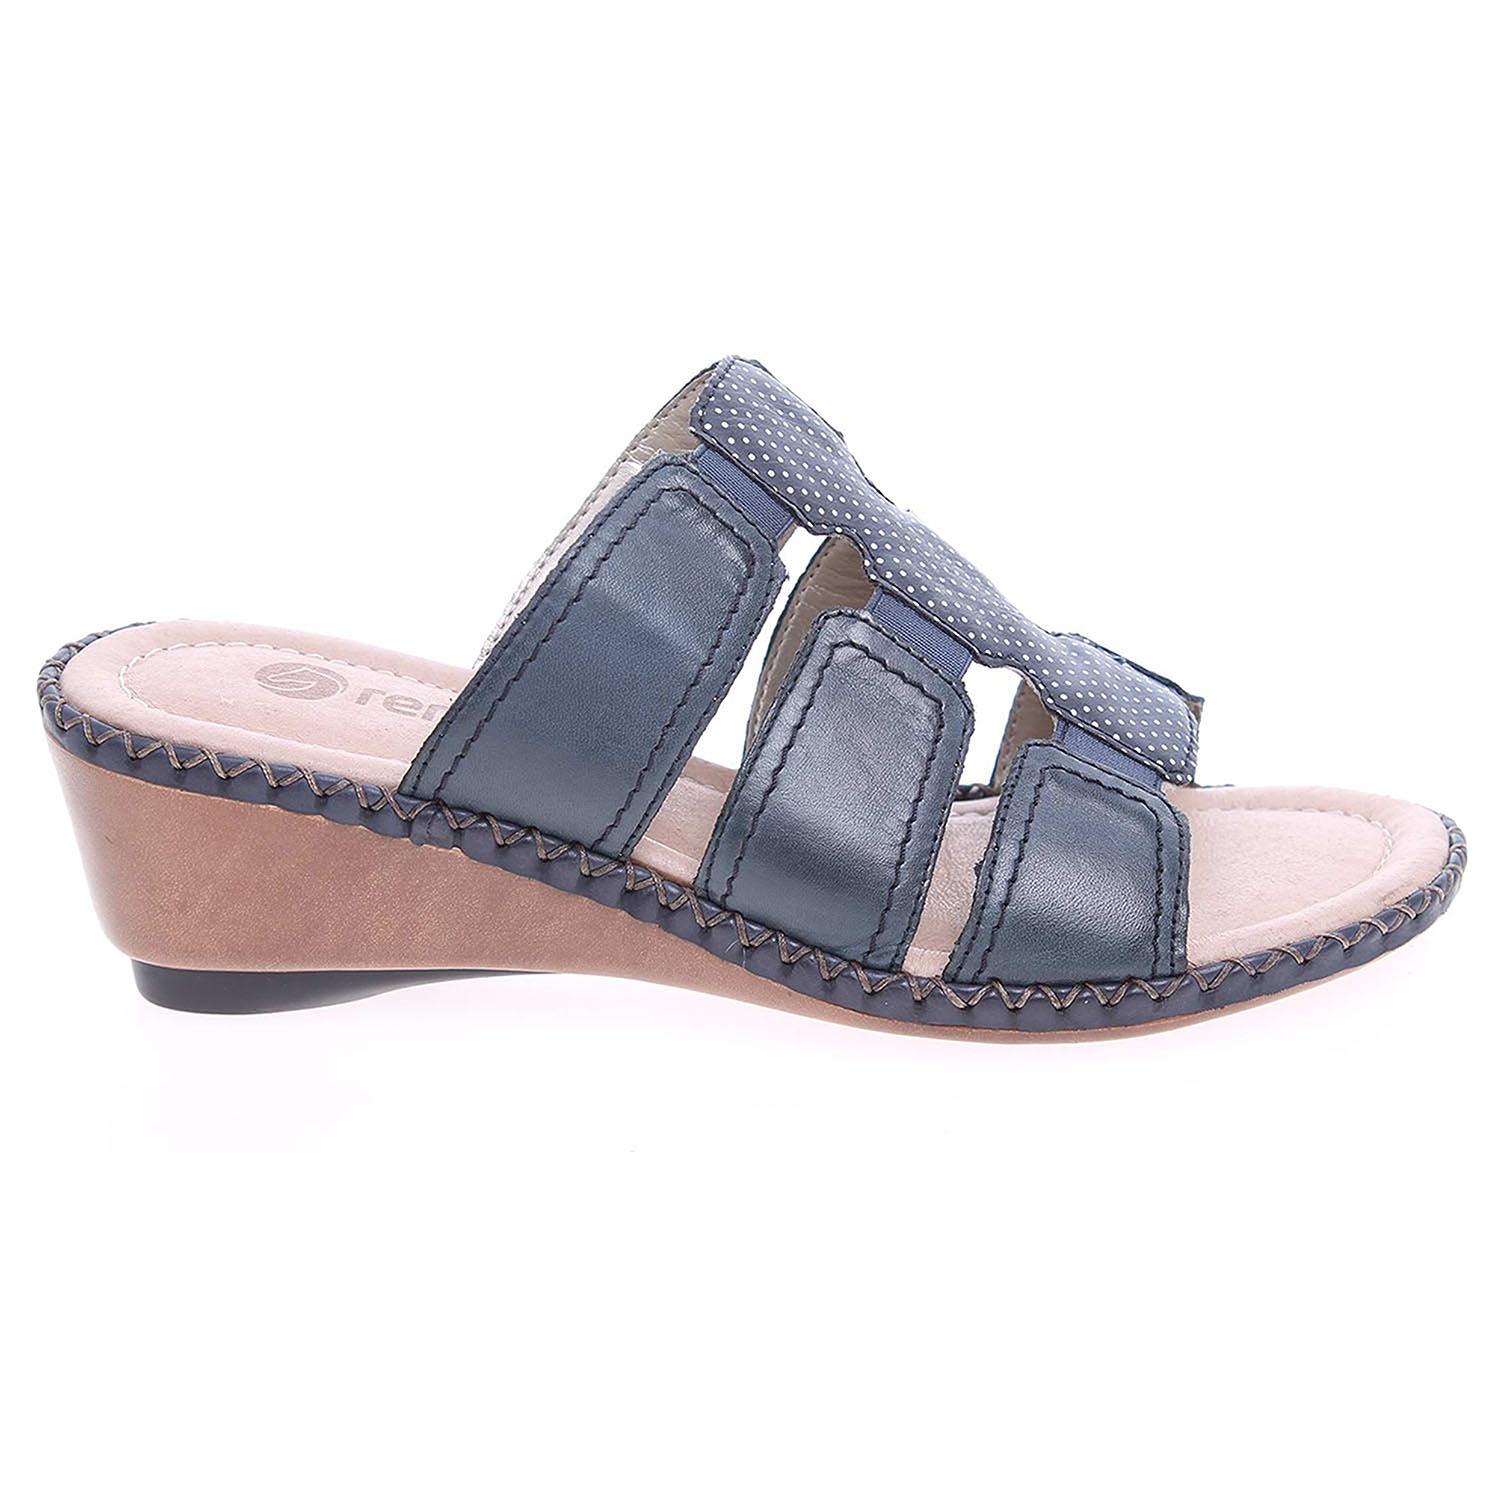 Ecco Remonte dámské pantofle D6162-14 modré 23600709